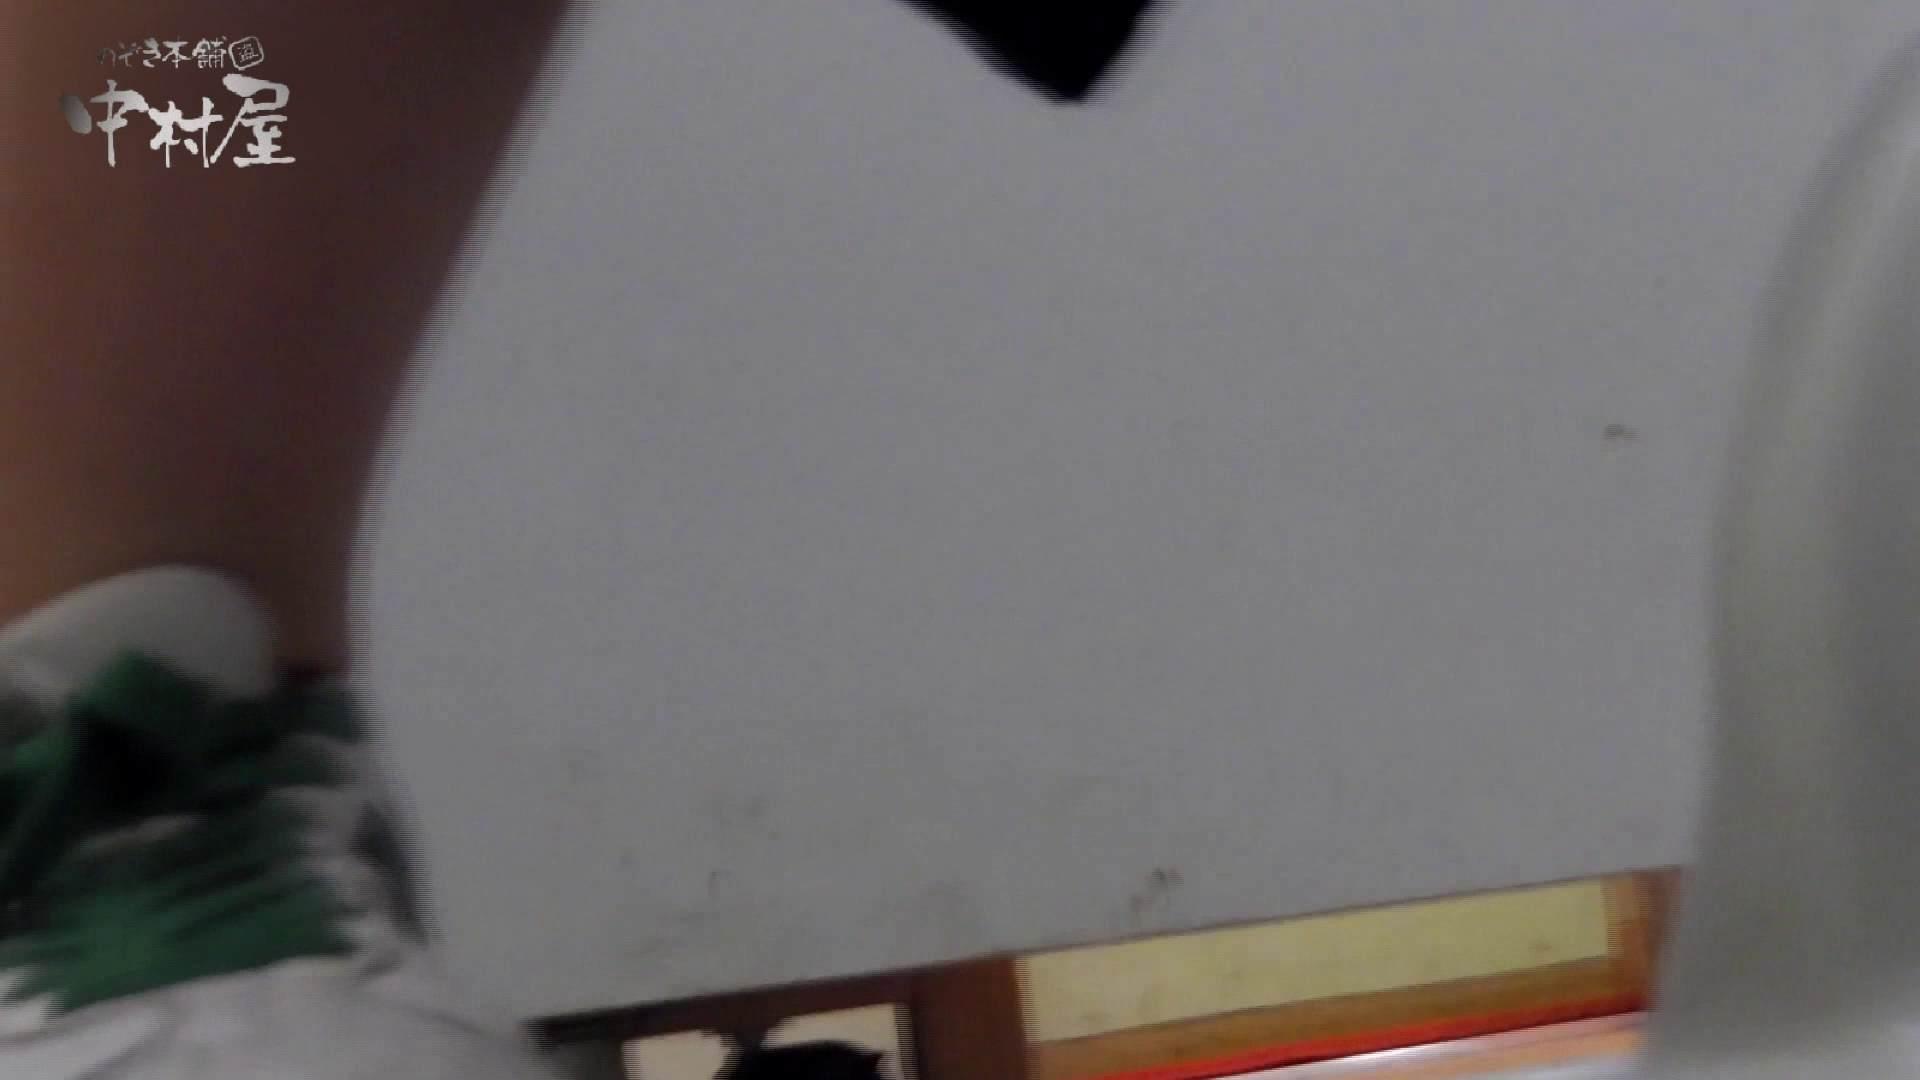 ▲期間限定D▲第三体育館潜入撮File032 進化4!機種変更!!全員現役。後編 無修正マンコ | 卑猥  89連発 76